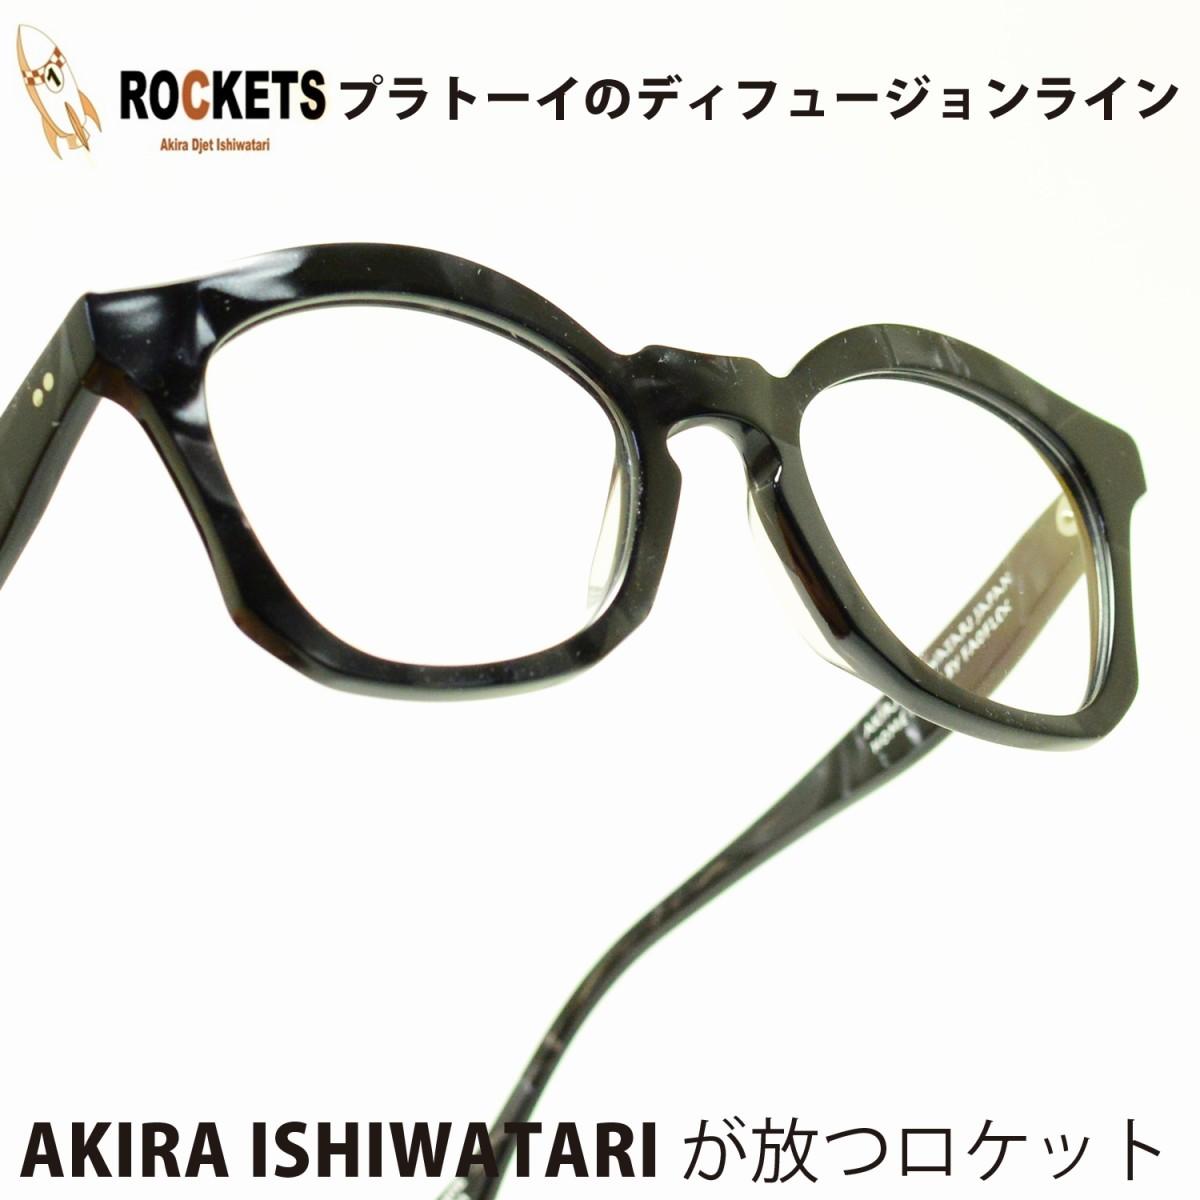 ROCKETS COM COL-GRANITEメガネ 眼鏡 めがね メンズ レディース おしゃれ ブランド 人気 おすすめ フレーム 流行り 度付き レンズ